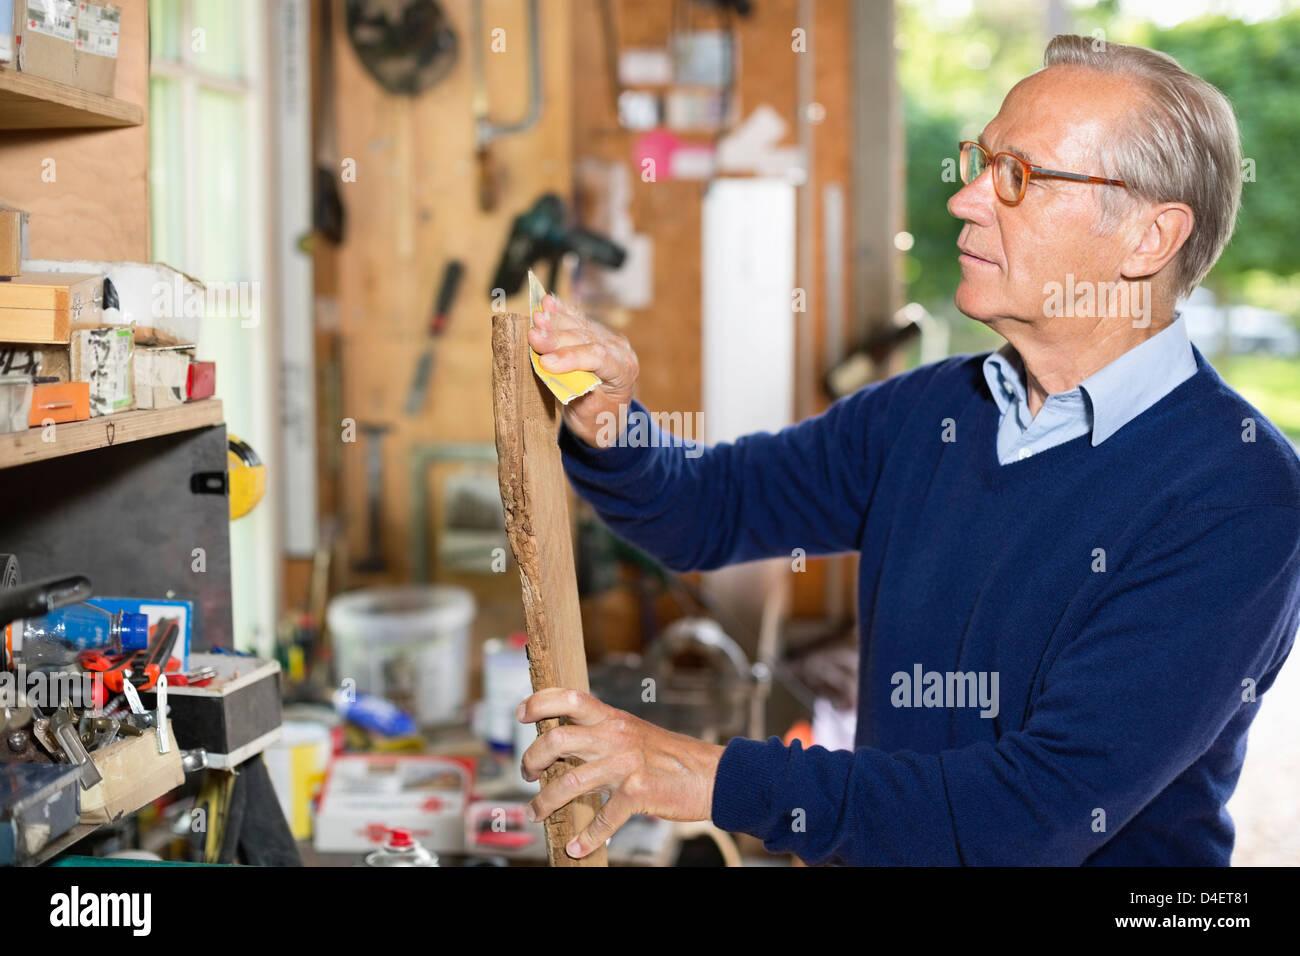 El hombre lija madera en garaje Imagen De Stock